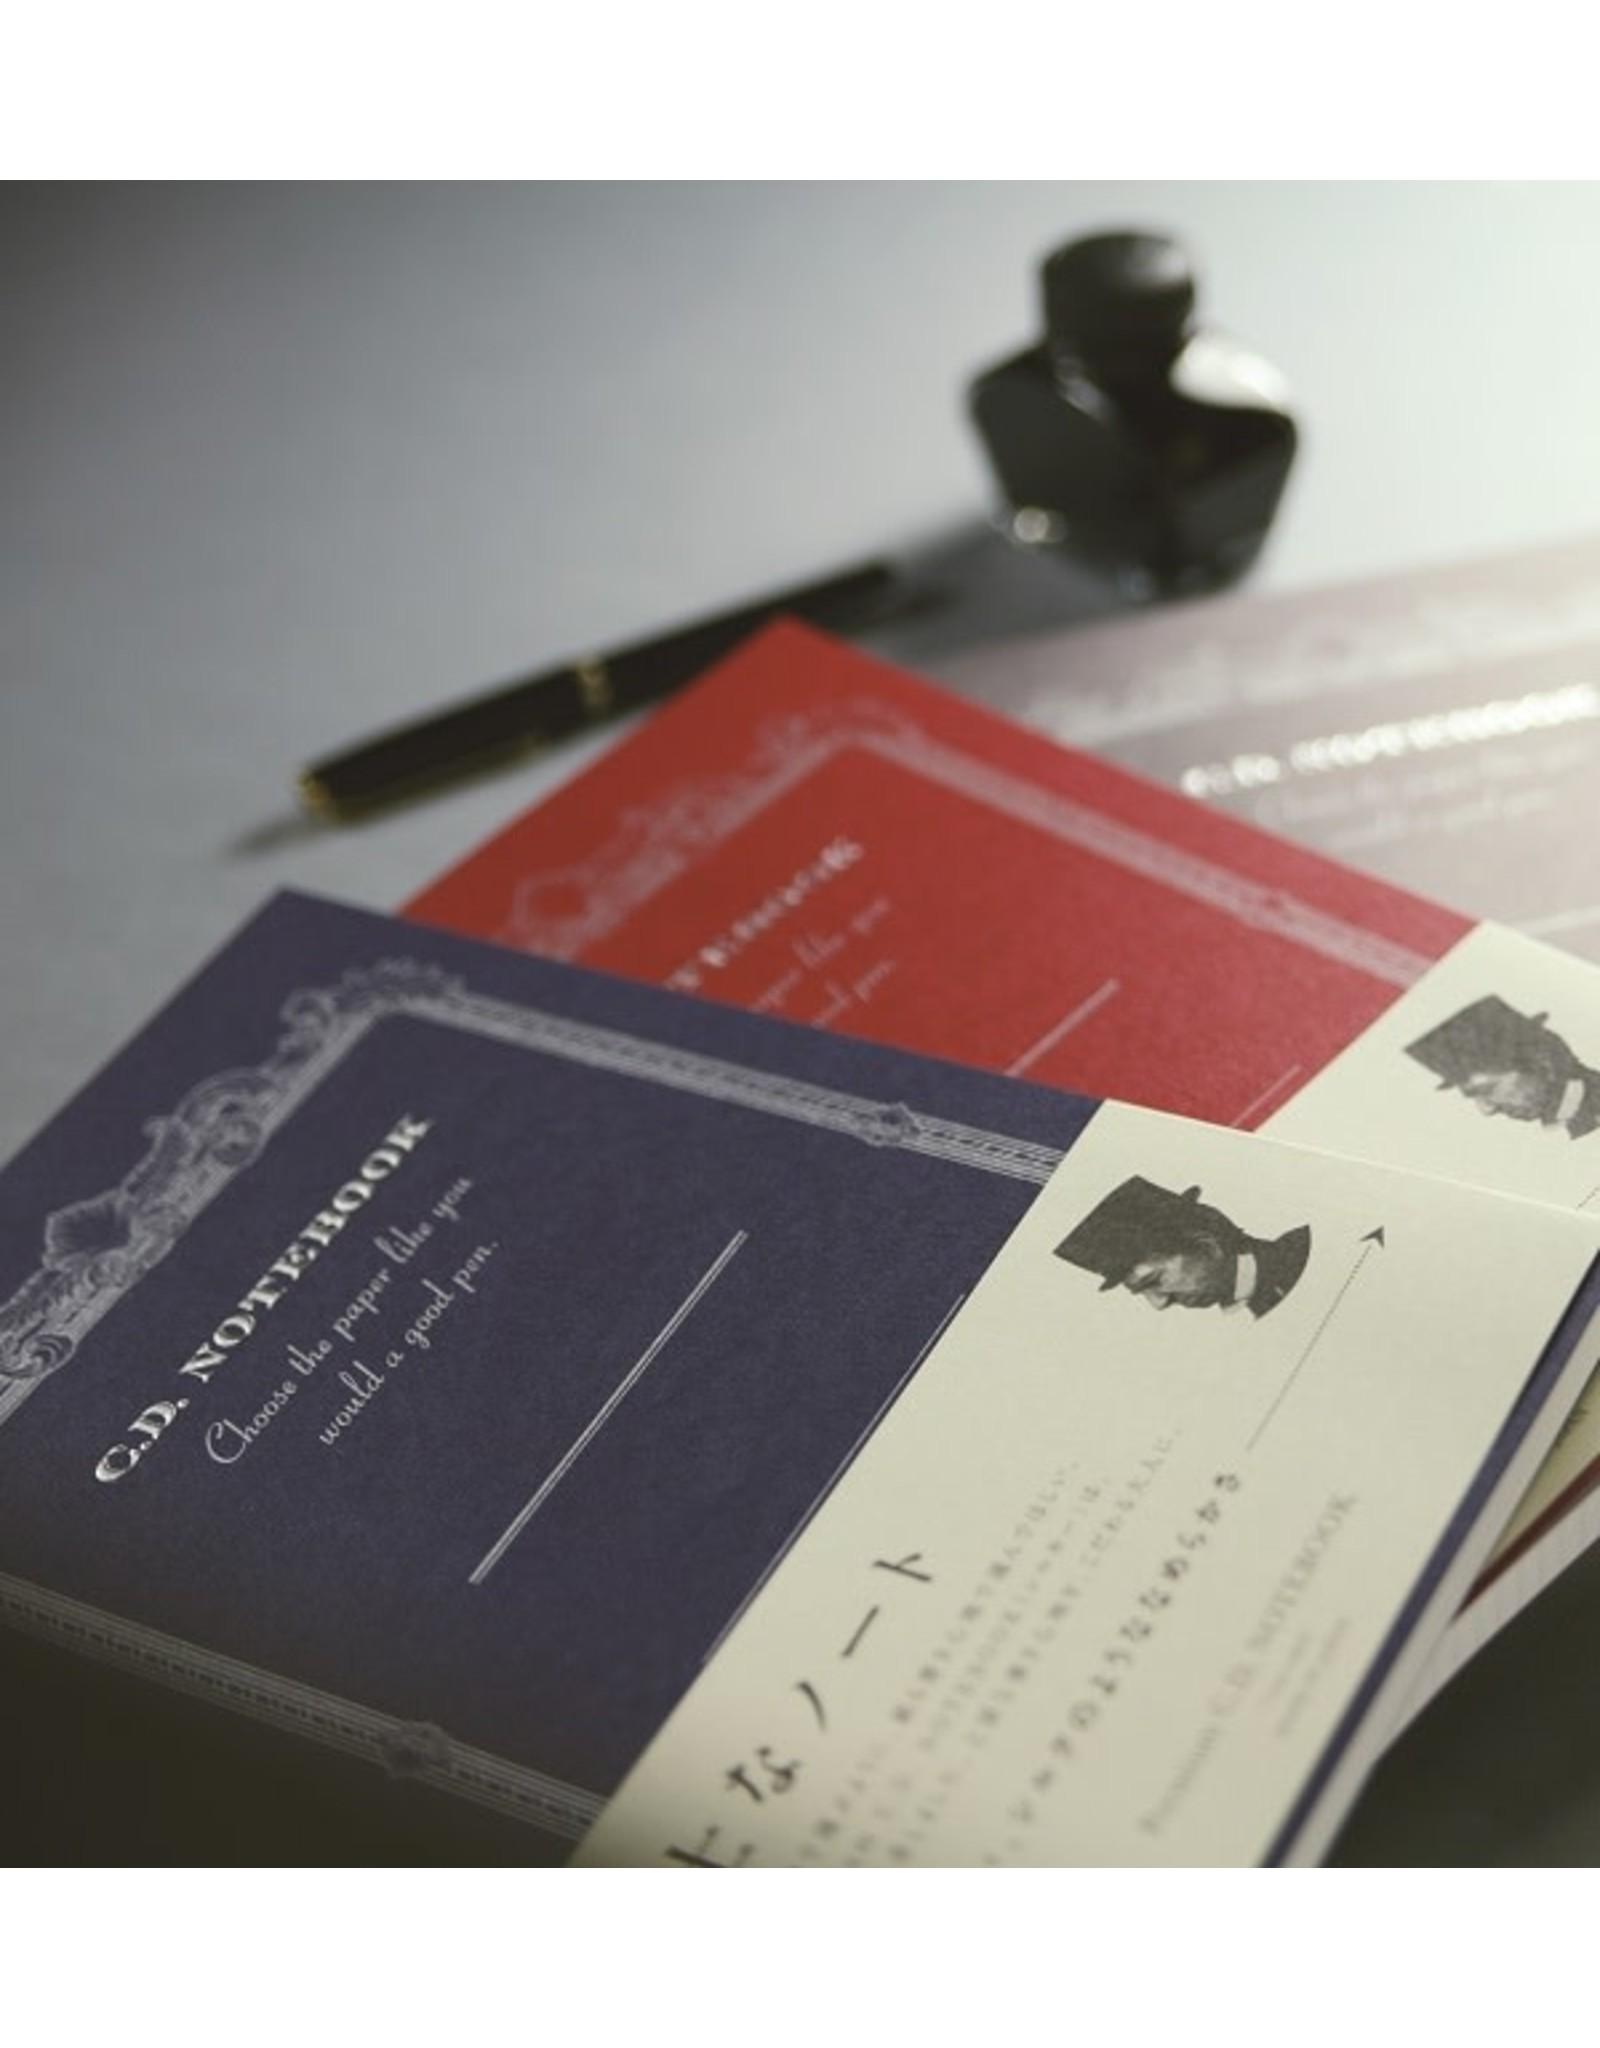 APICA Co., Ltd. PREMIUM CD NOTEBOOK A6 6.5MM 18 LINE 96PAGES BLUE